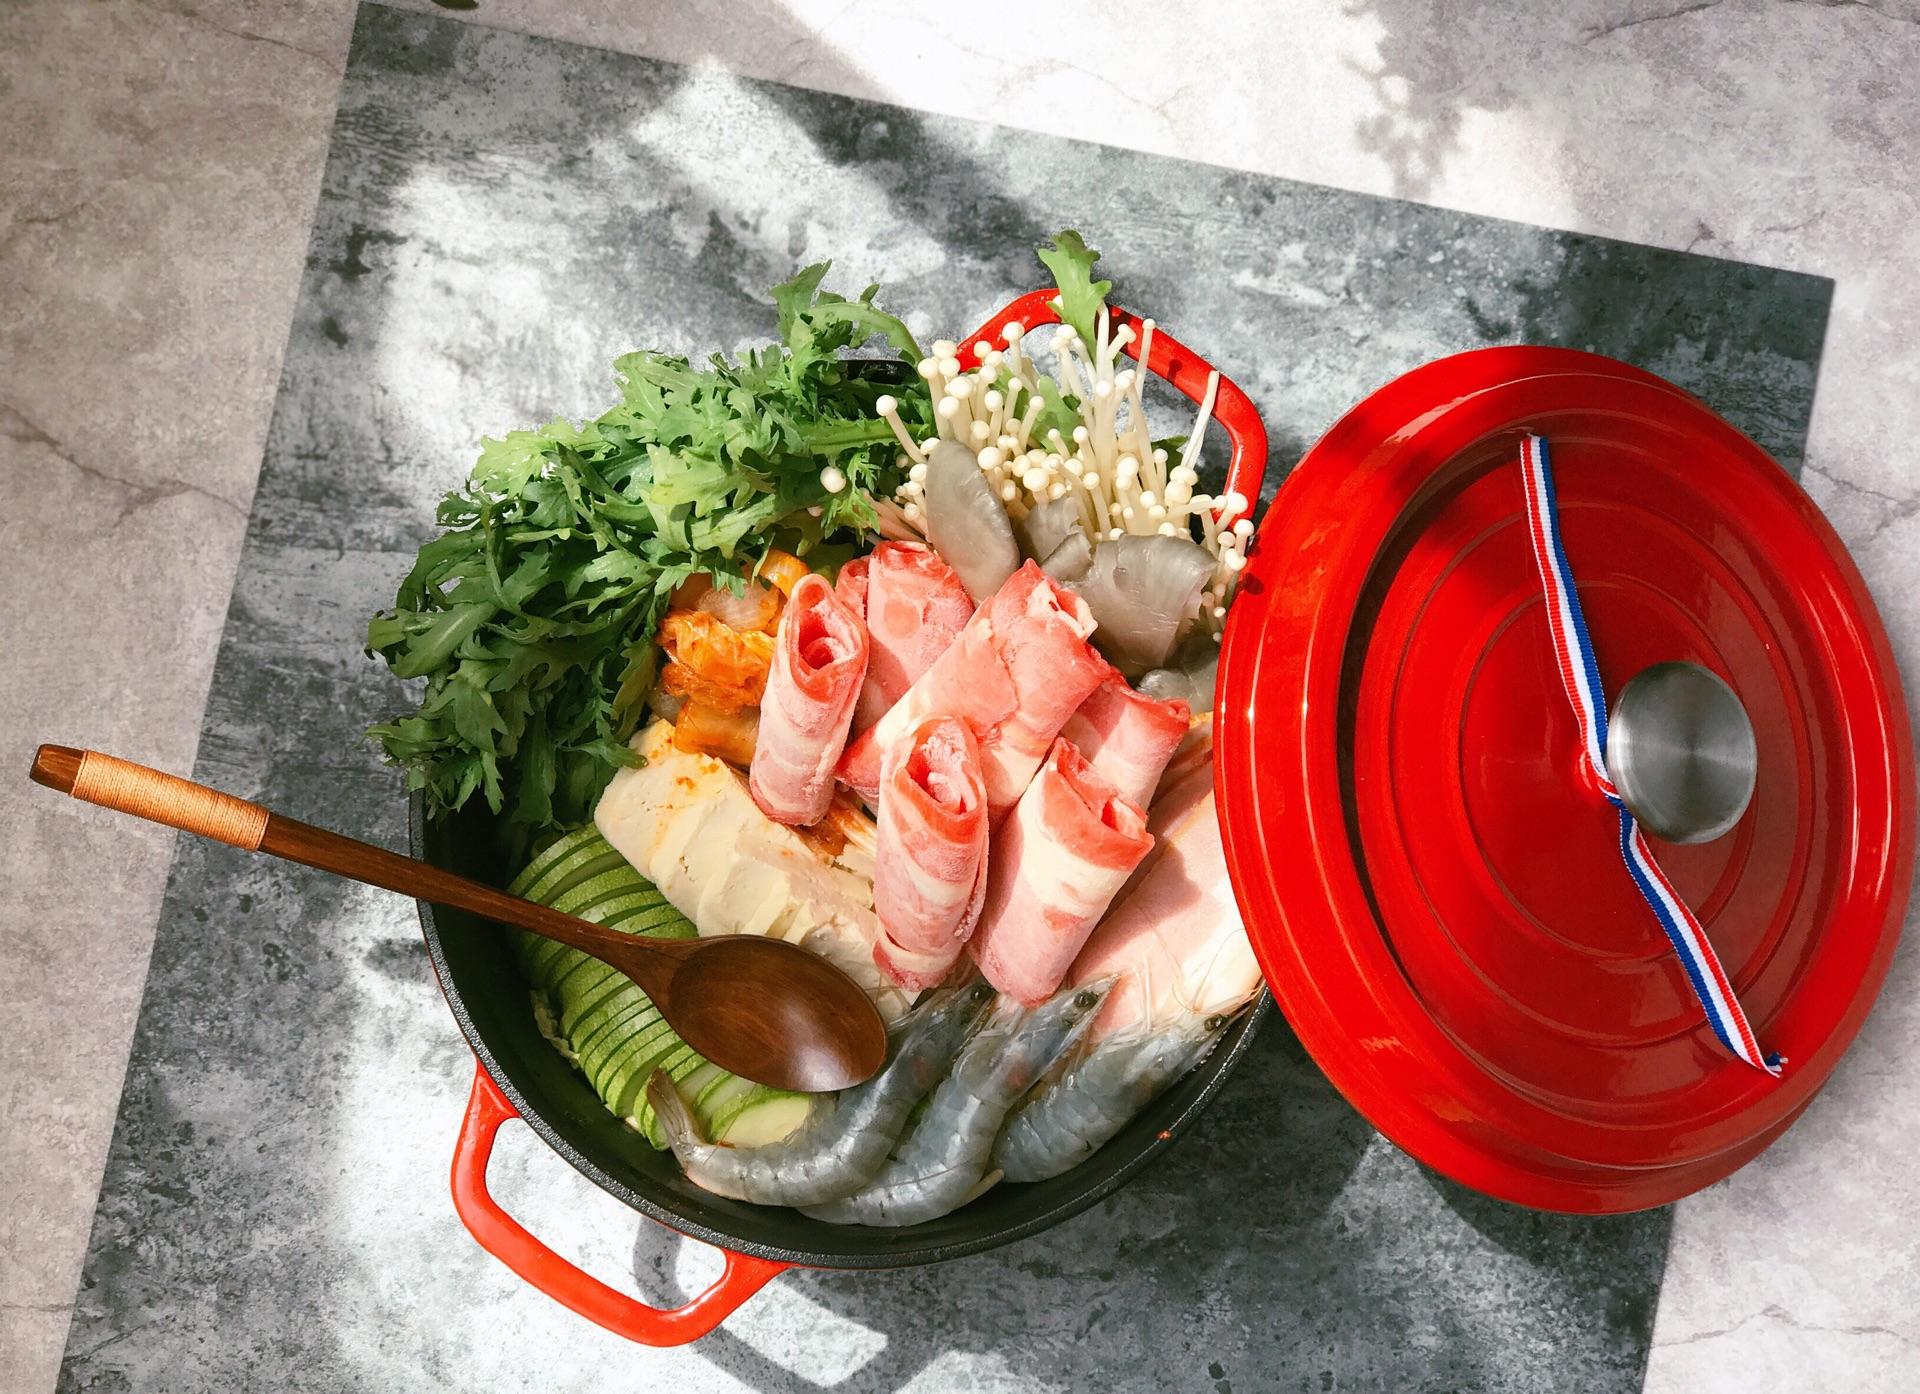 泡菜肥牛火锅的做法步骤